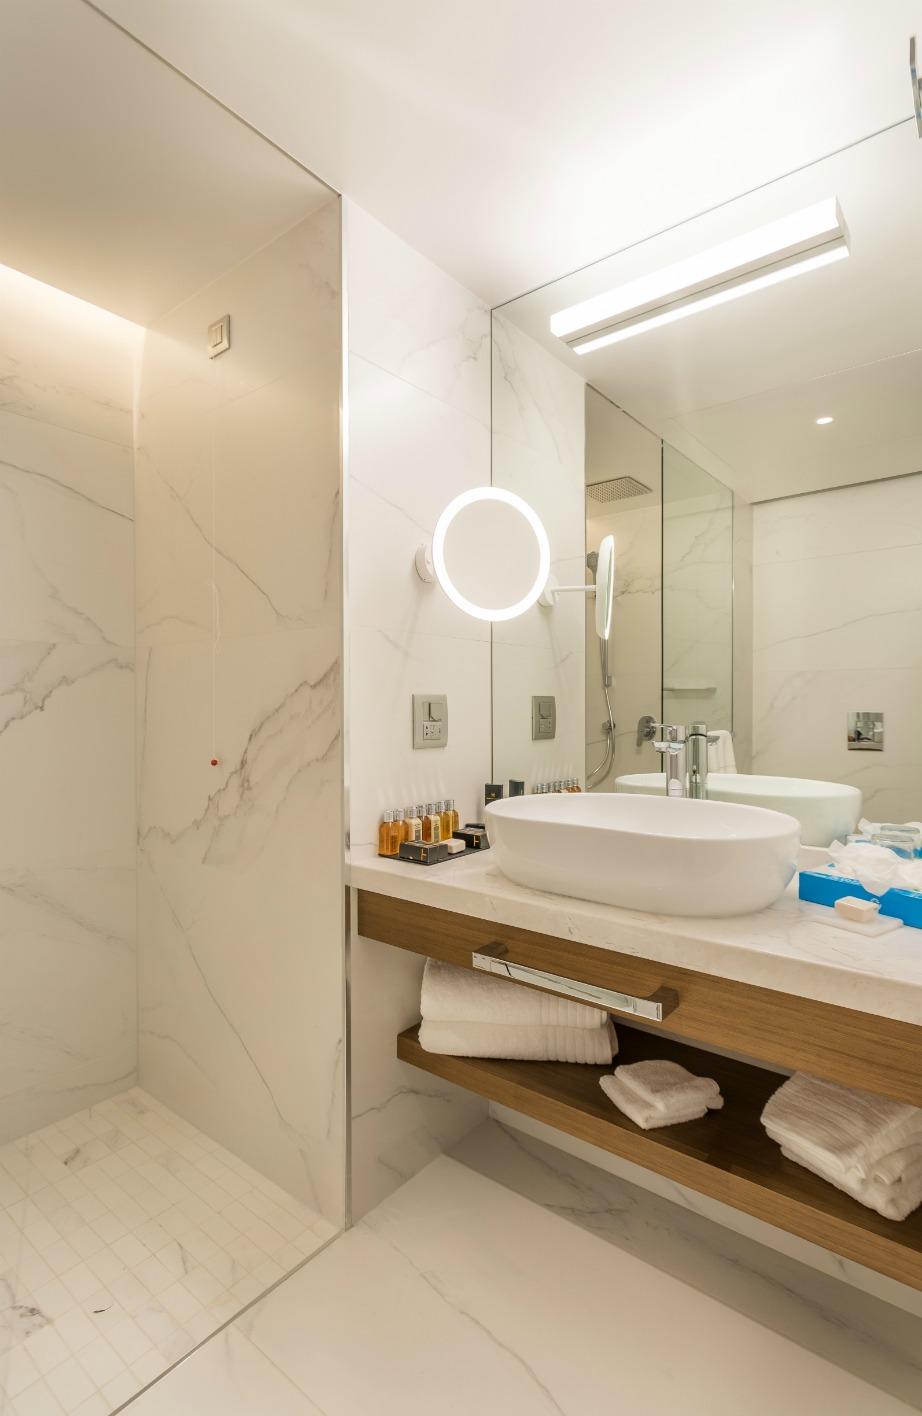 Μπάνια με σύγχρονες ανέσεις.